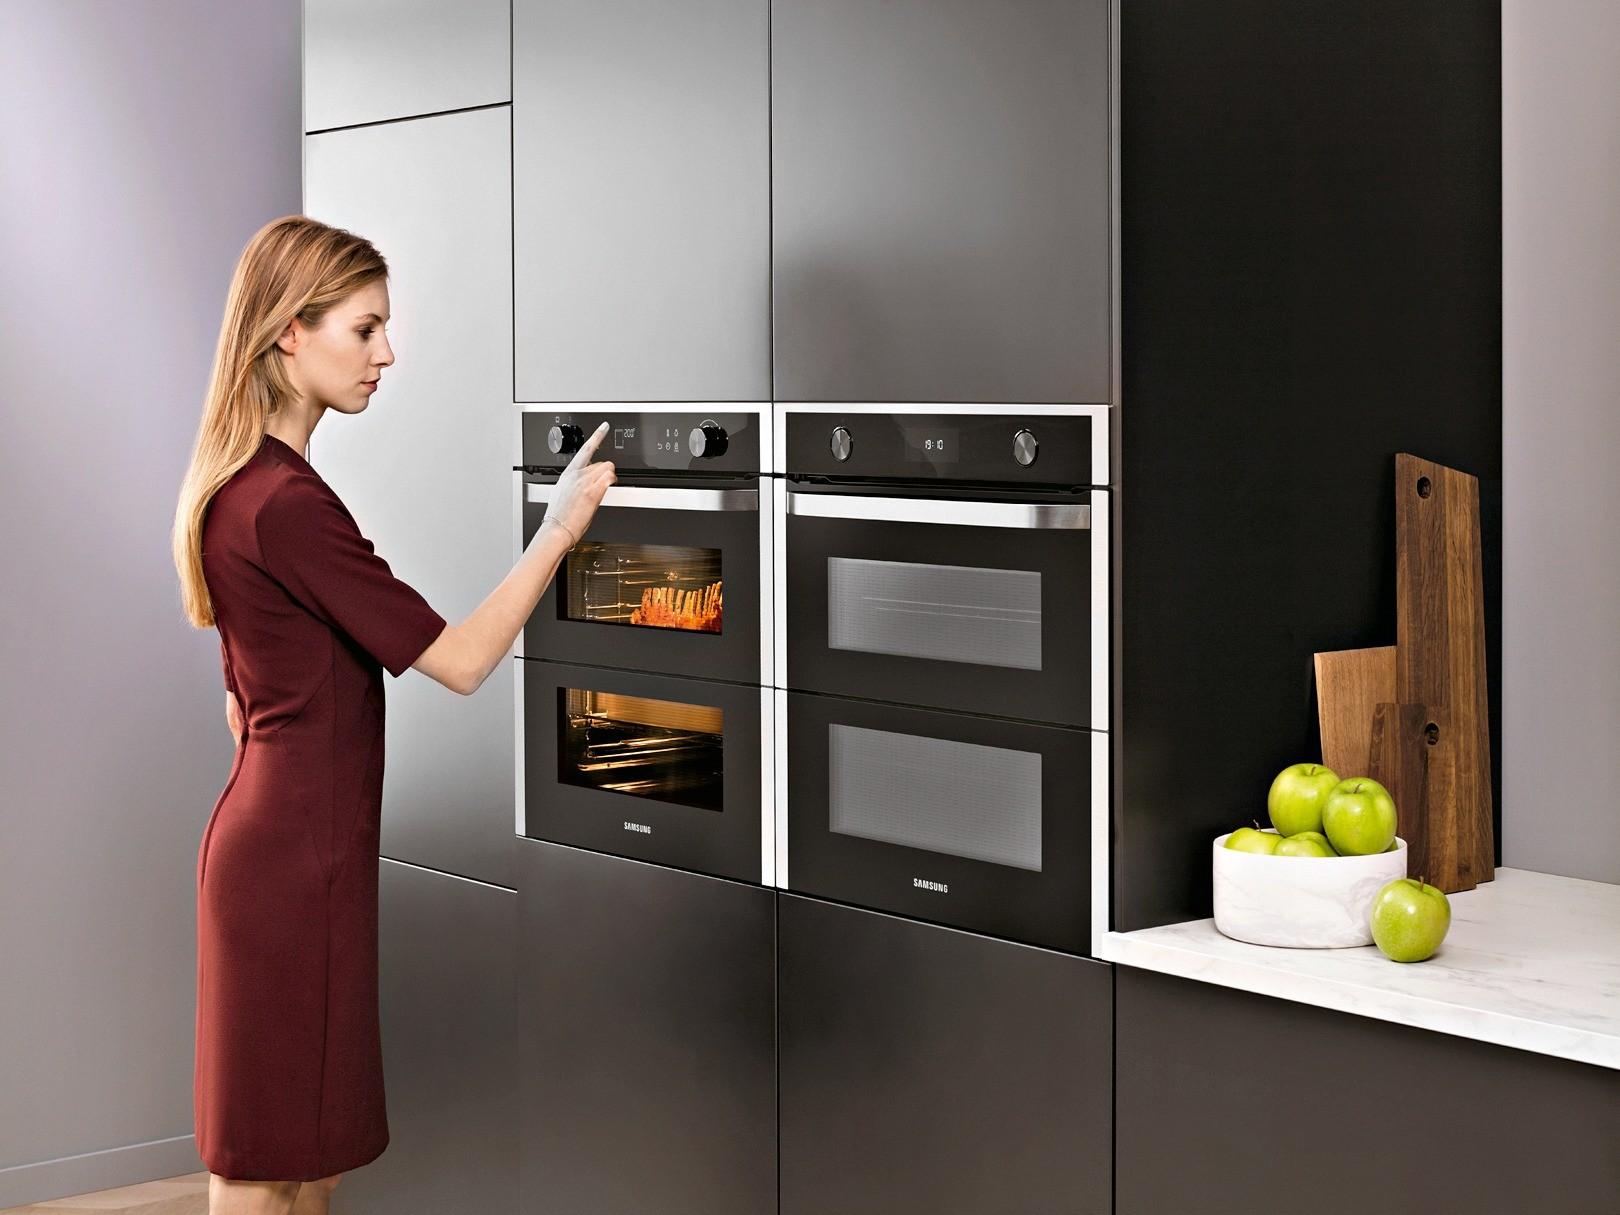 Духовой шкаф Samsung серии Dual Cook с фирменной двустворчатой дверцей